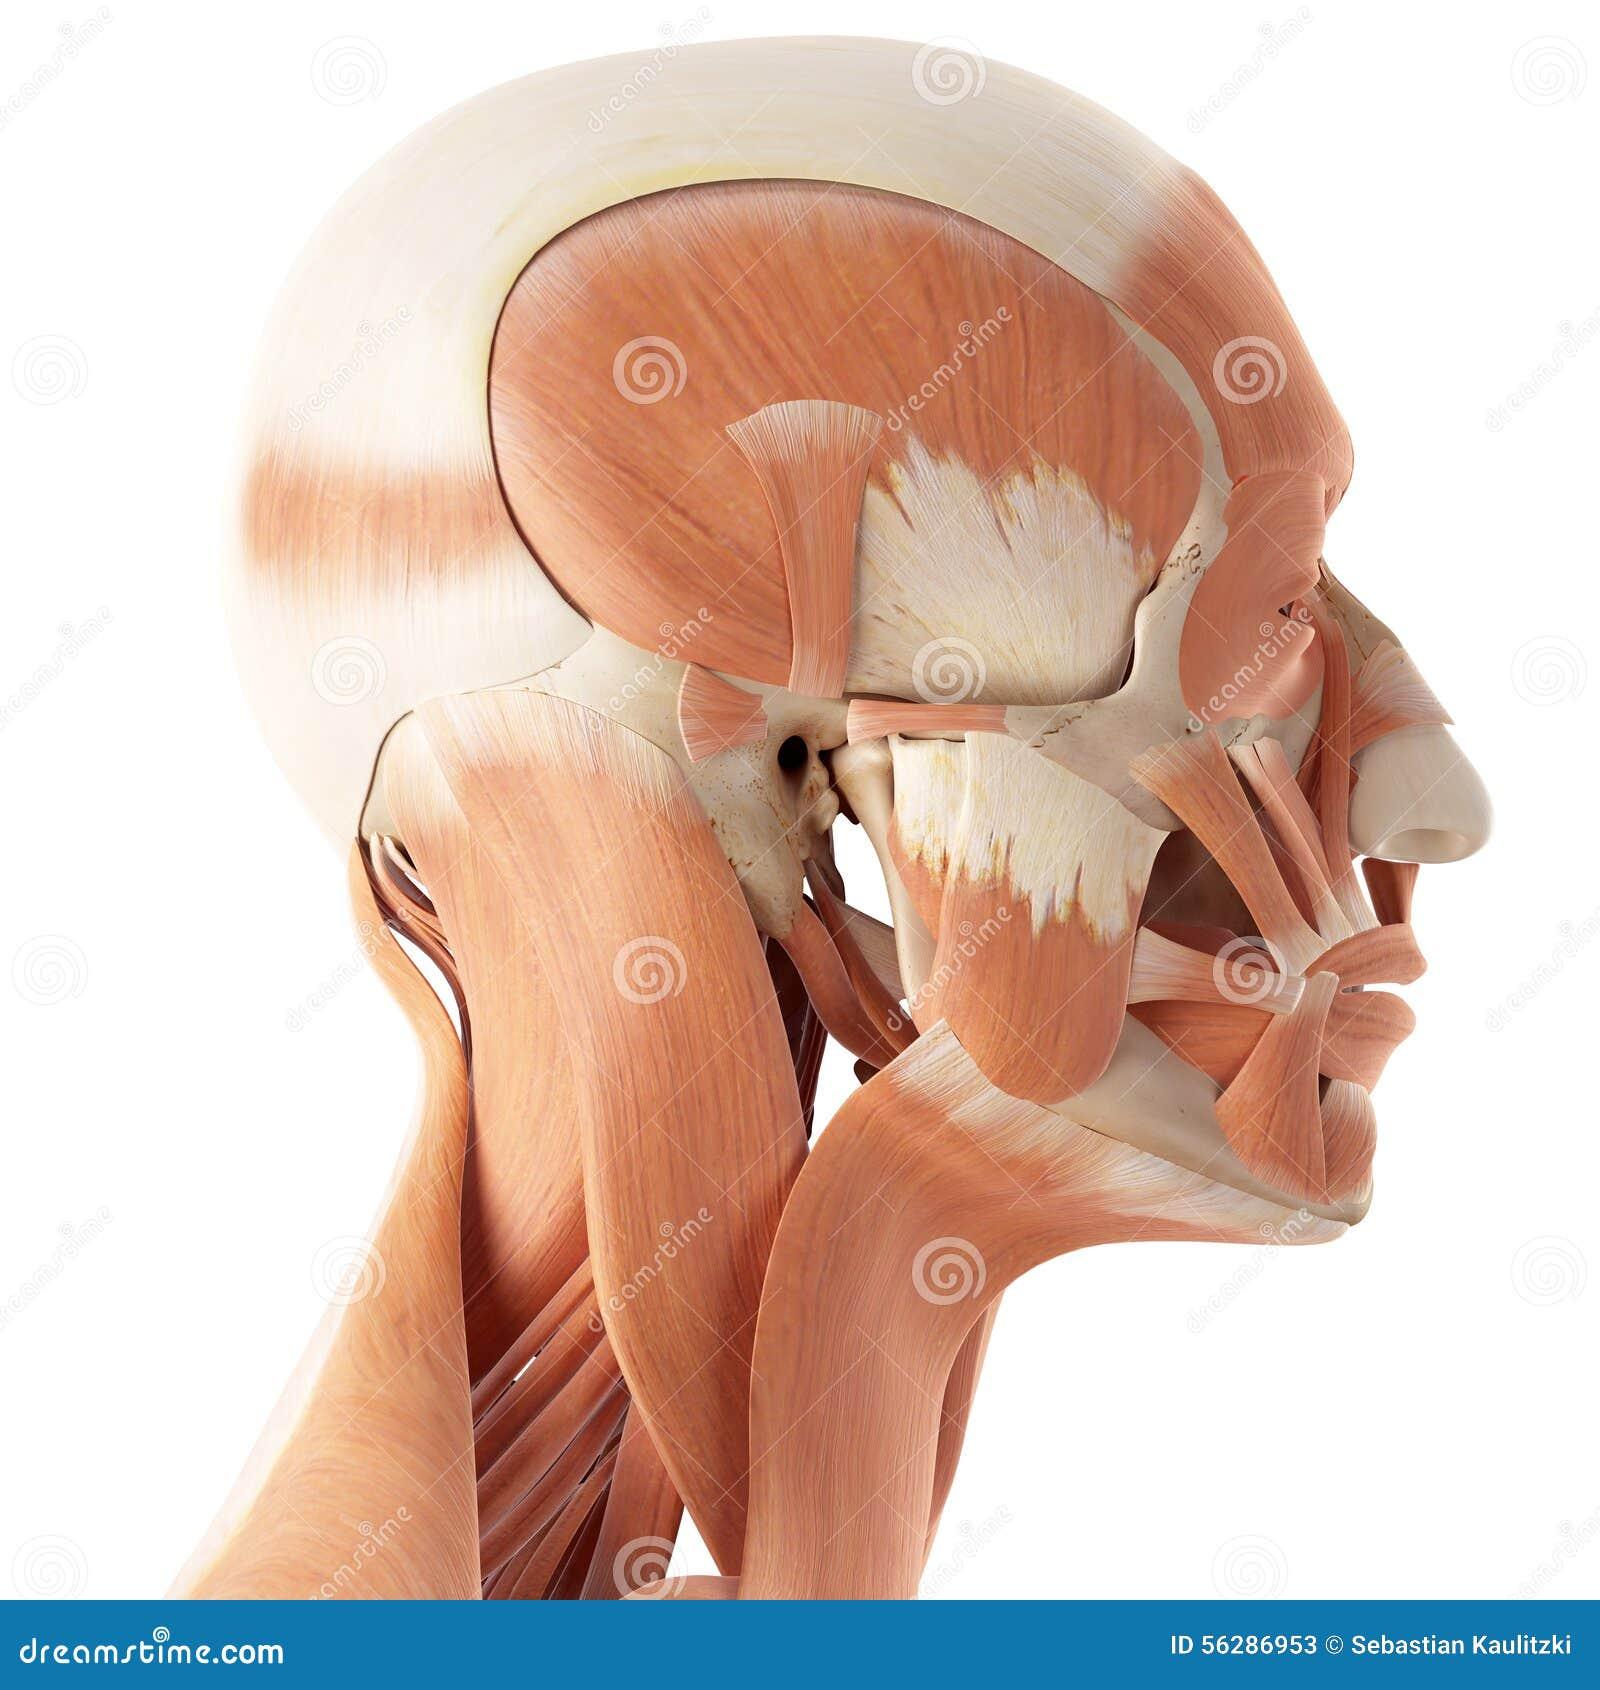 Beste Anatomie Gesichtsmuskeln Ideen - Menschliche Anatomie Bilder ...